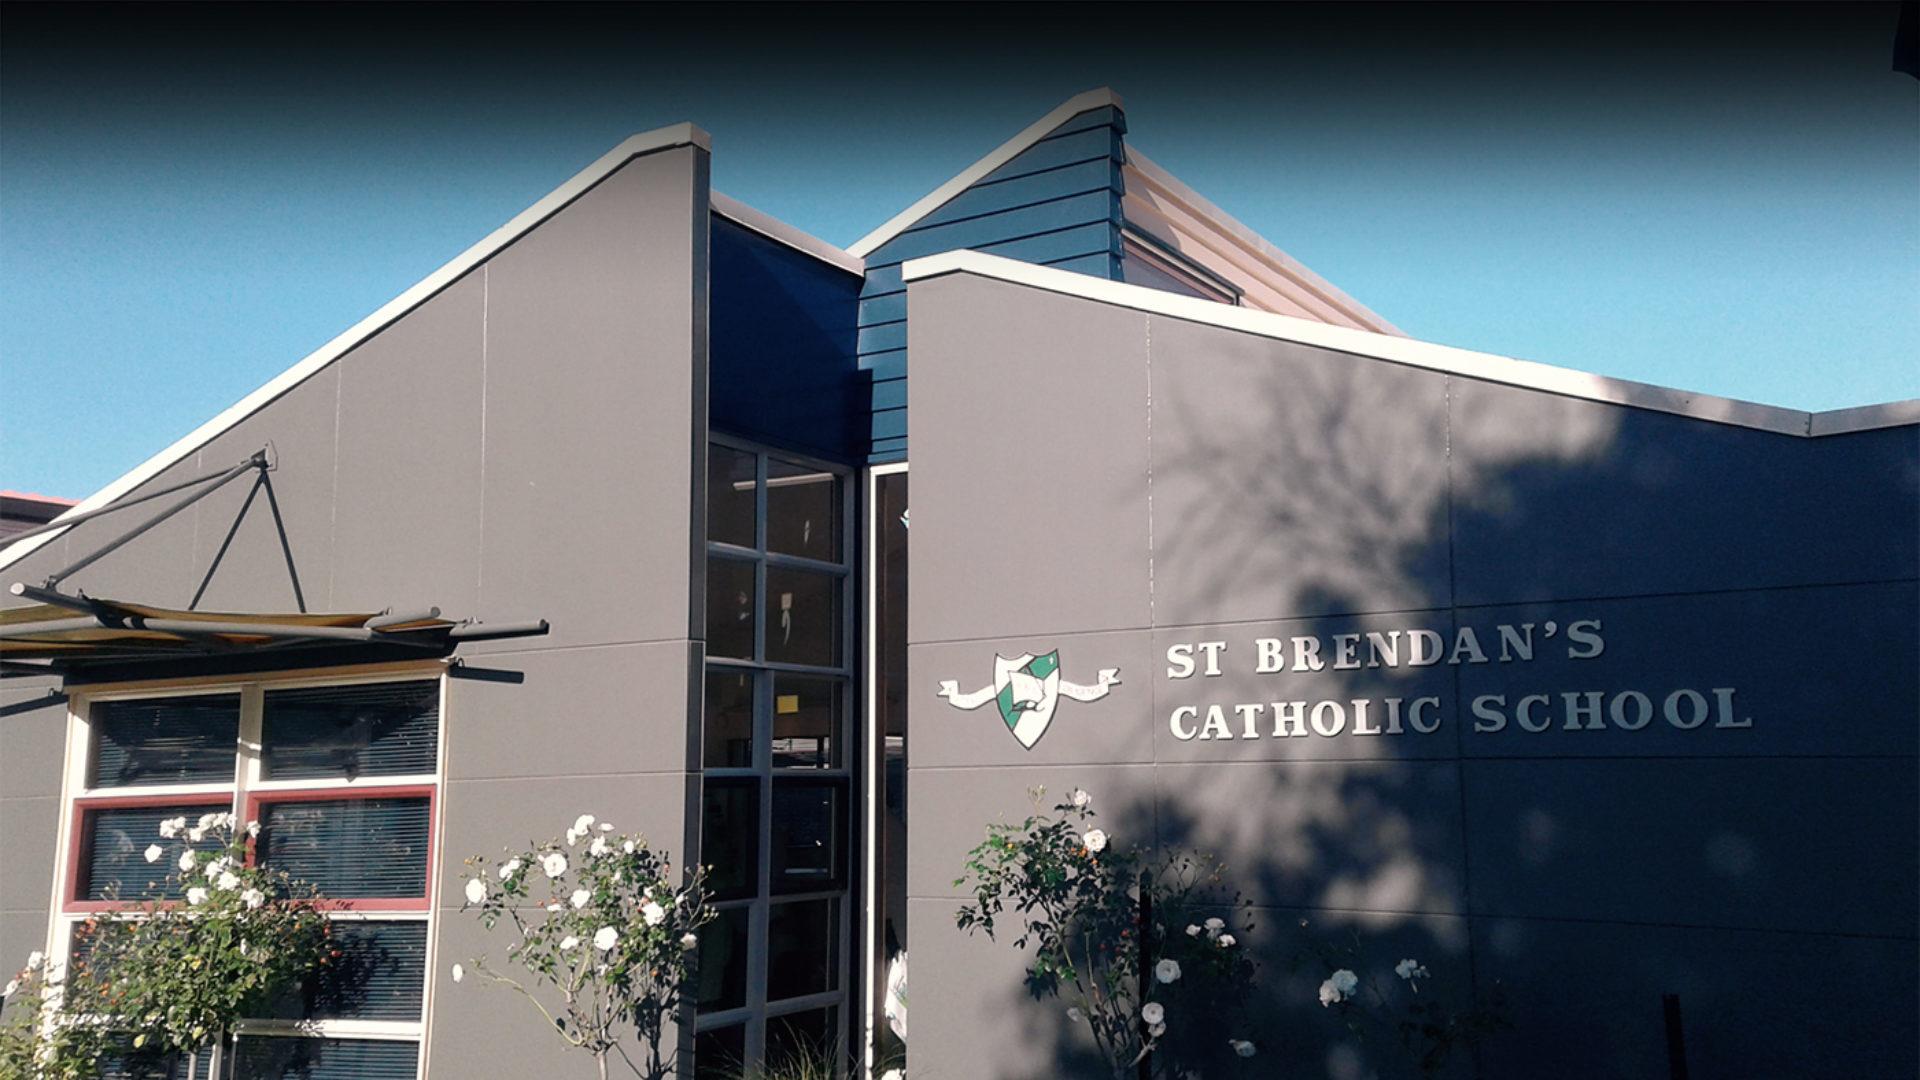 St Brendan's School